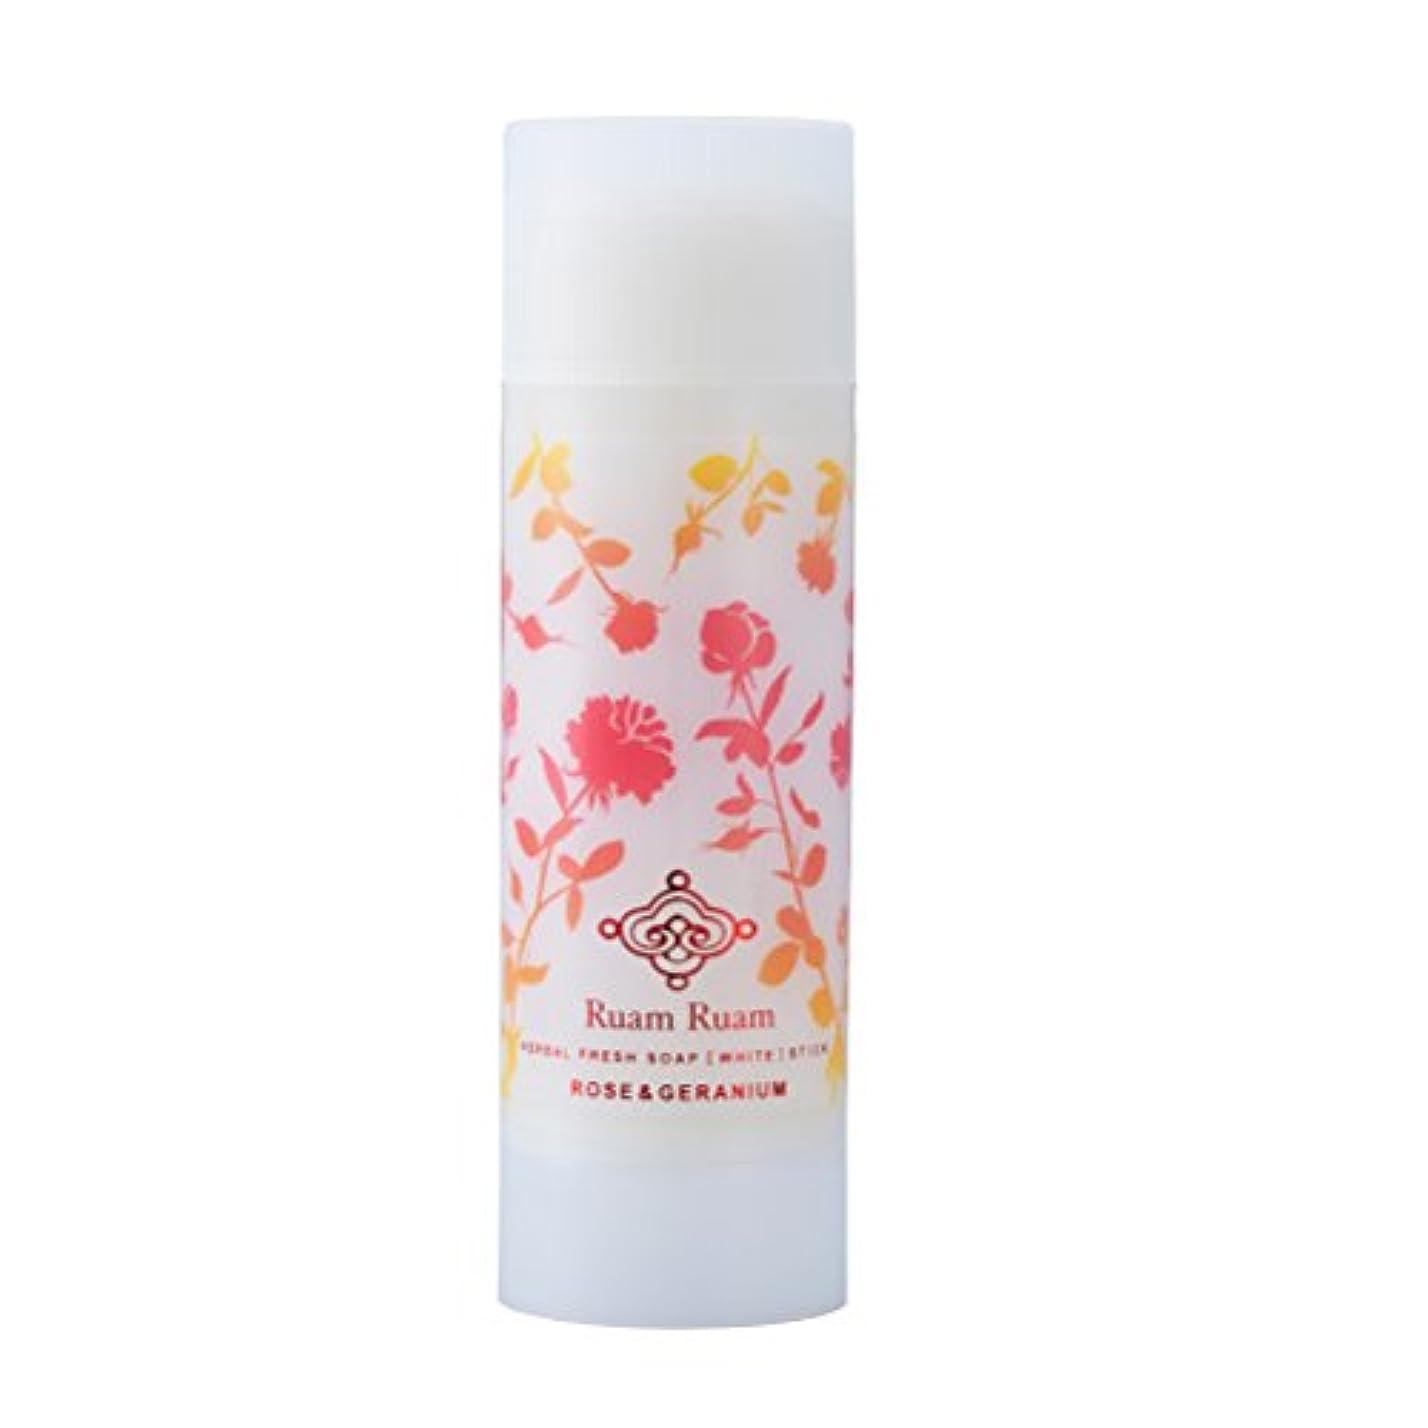 通り抜ける下手肥料ルアンルアン(Ruam Ruam) 洗顔石鹸(白) ローズアンドゼラニウム 90g